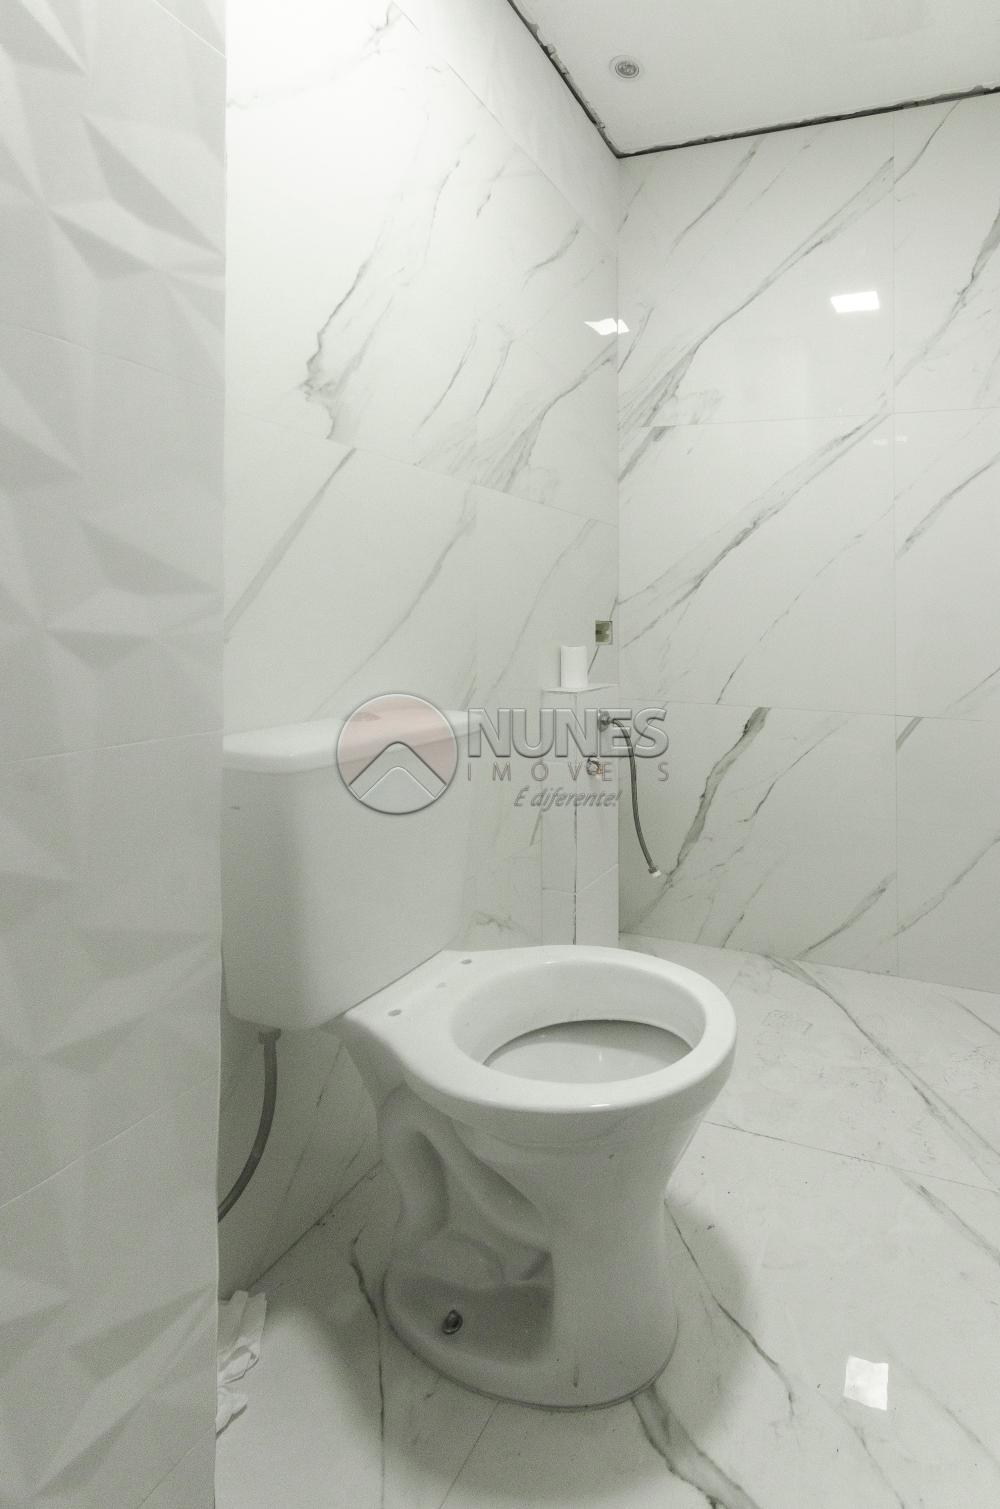 Comprar Apartamento / Padrão em Osasco apenas R$ 270.000,00 - Foto 22